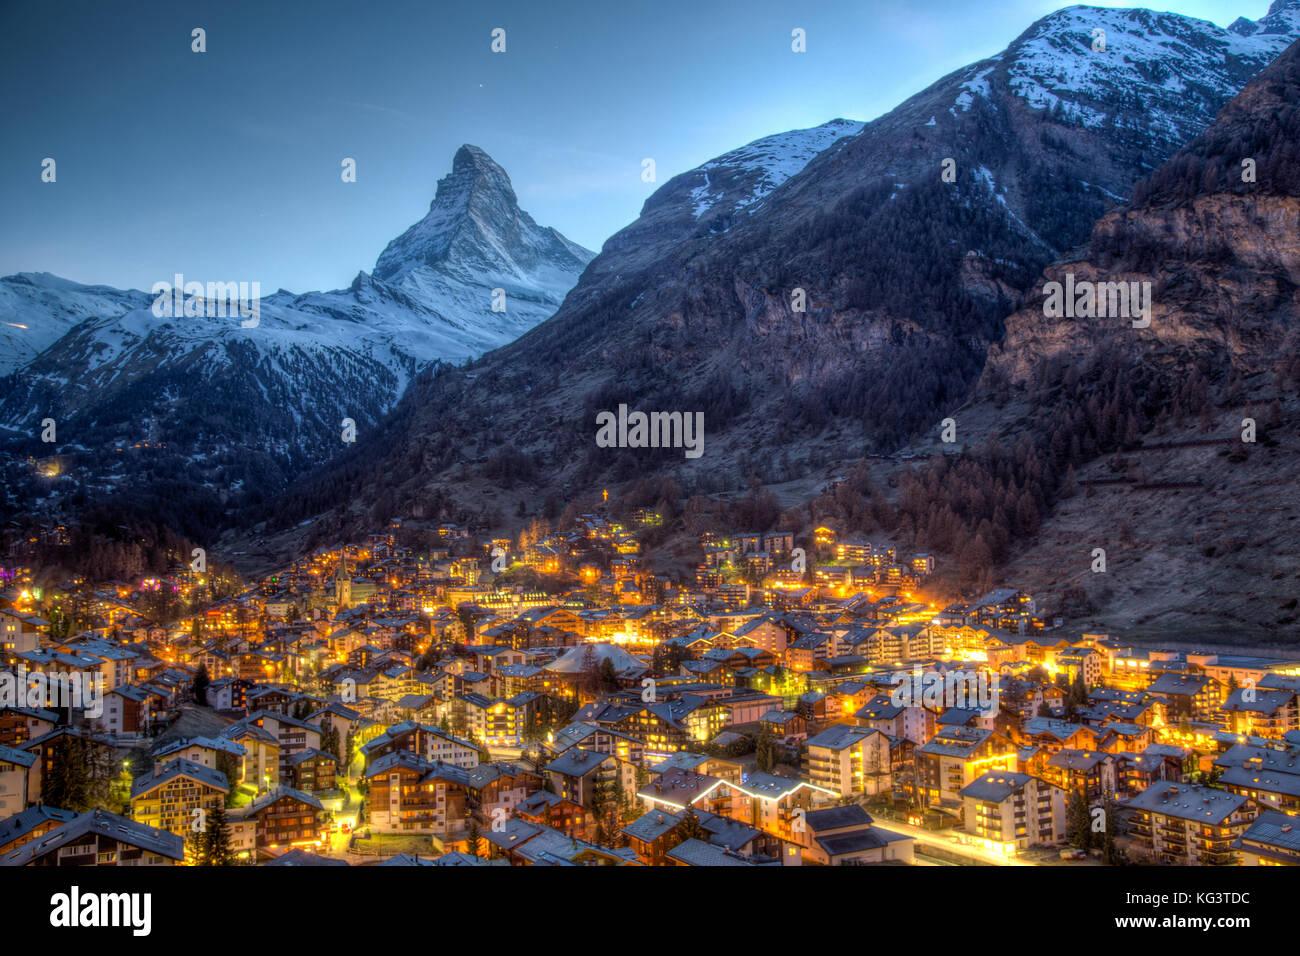 Matterhorn and Zermatt view - Stock Image